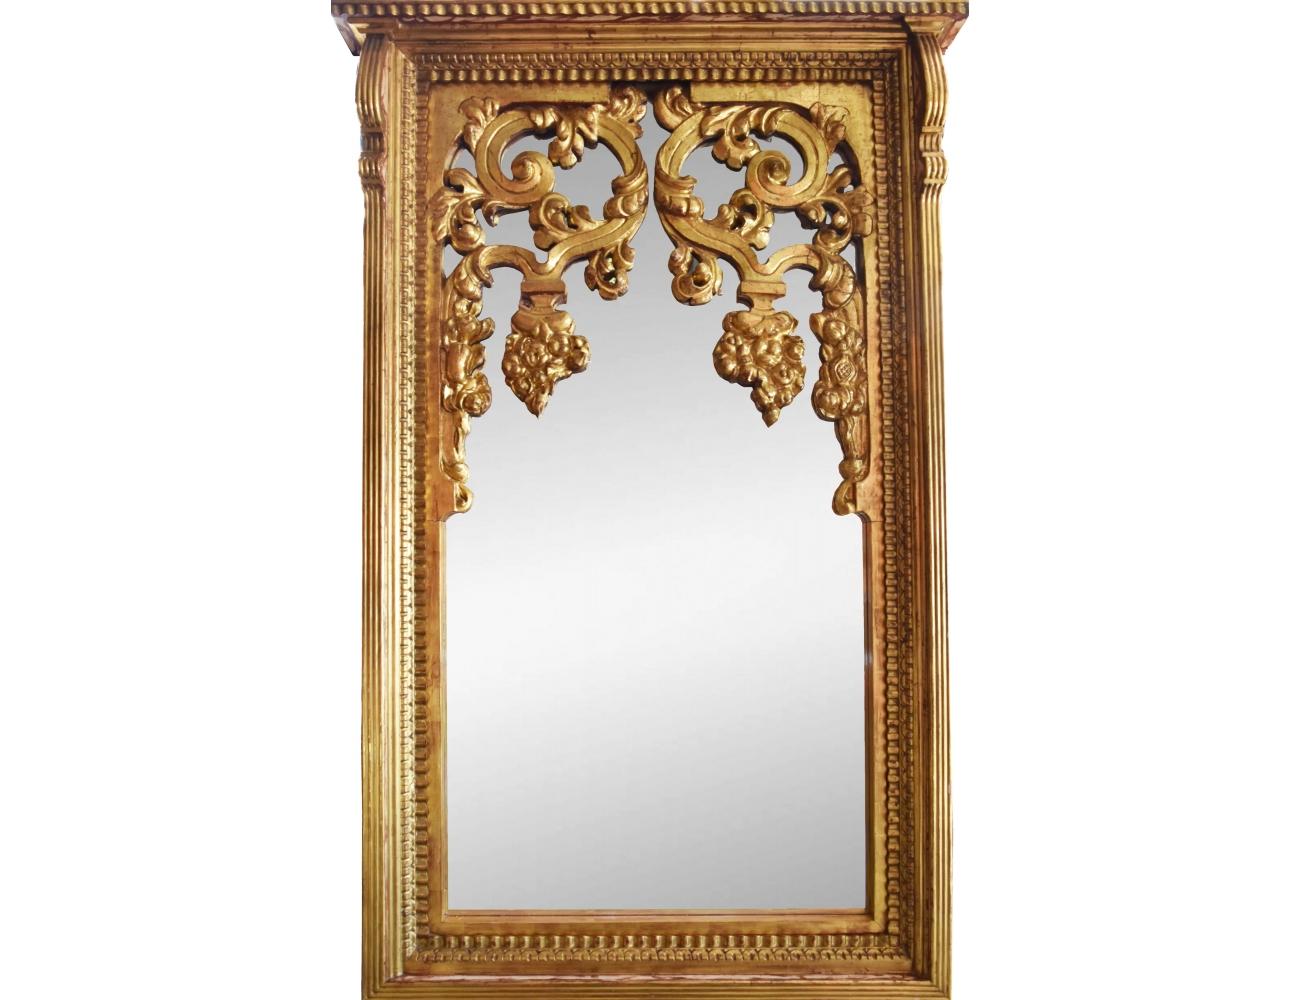 Gran espejo con marco de madera dorado for Espejos decorativos marco de madera